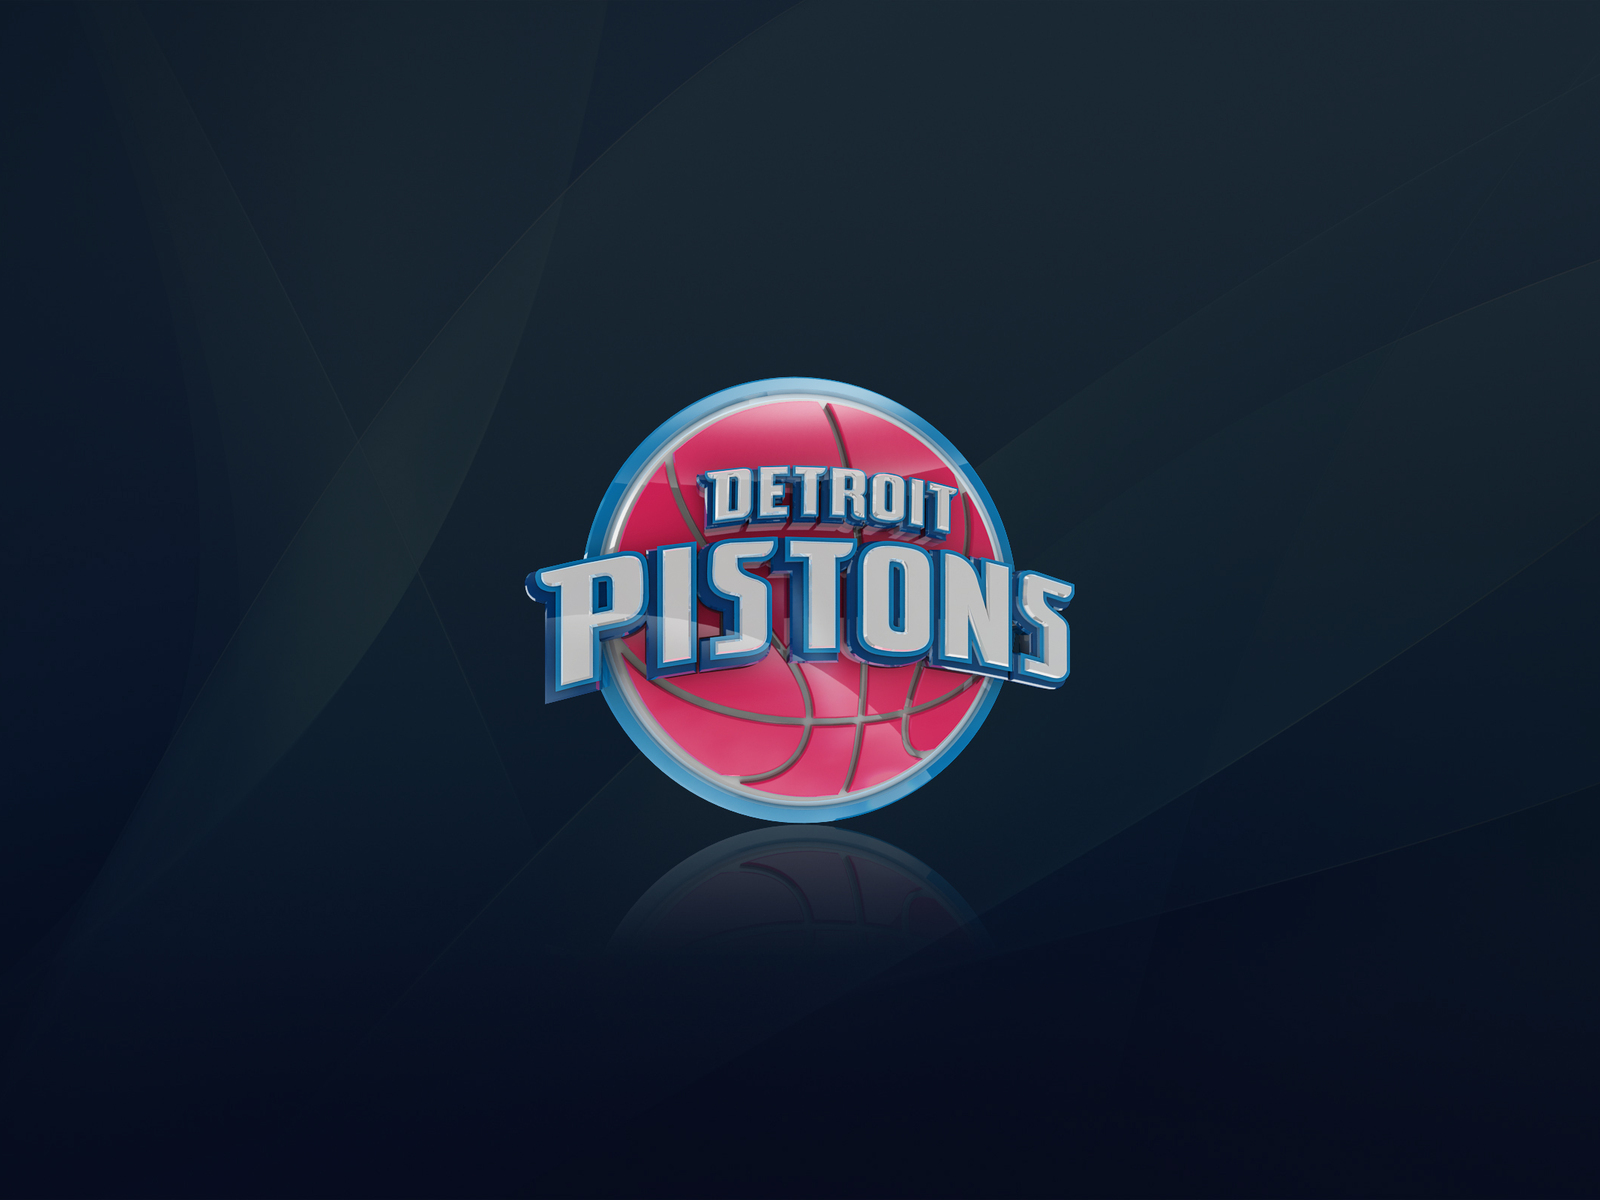 http://2.bp.blogspot.com/-PgRxMvCfPZQ/UF2FMhX9KOI/AAAAAAAAEtU/D2z8hpHYqRk/s1600/Detroit-Pistons-Logo-Minimal-HD-Wallpaper.jpg